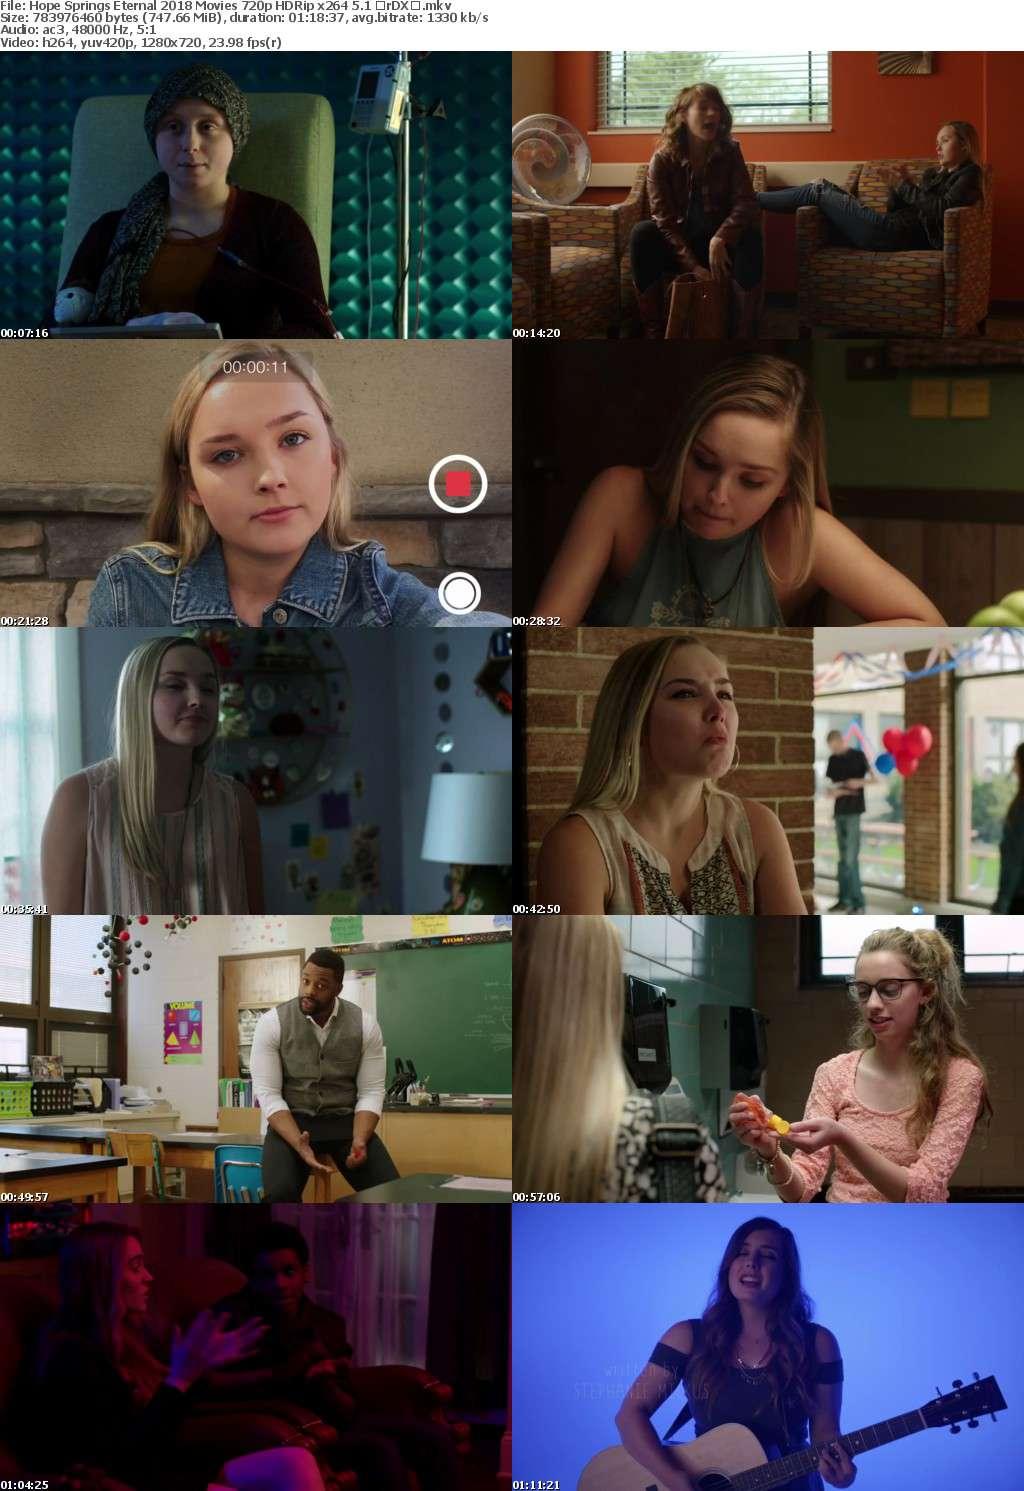 Hope Springs Eternal 2018 Movies 720p HDRip x264 5 1 with Sample